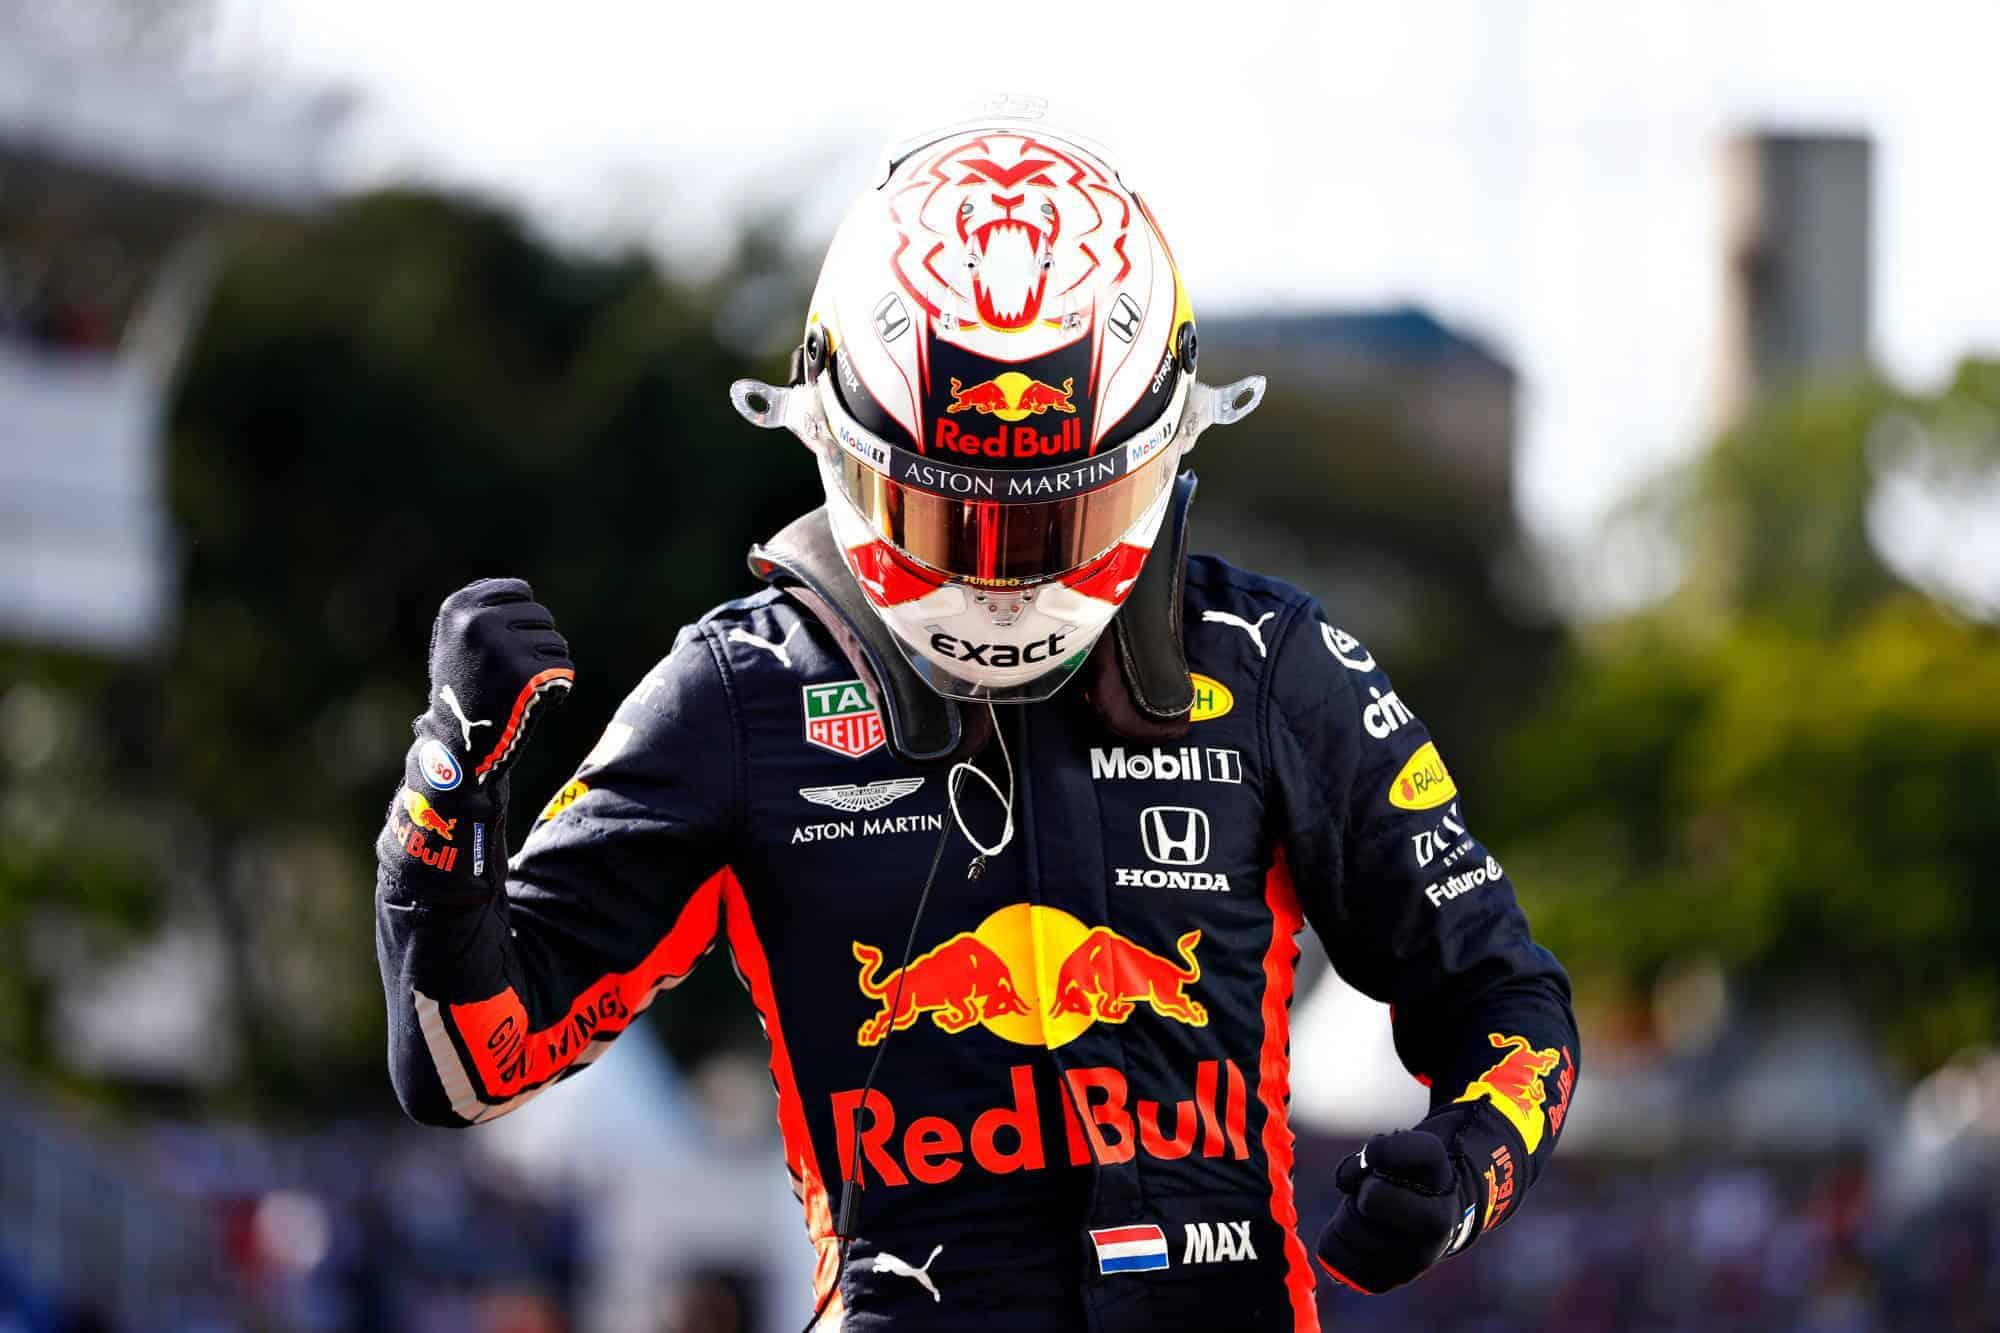 Verstappen Red Bull Brazilian GP F1 2019 post qualifying outside the car Photo Red Bull